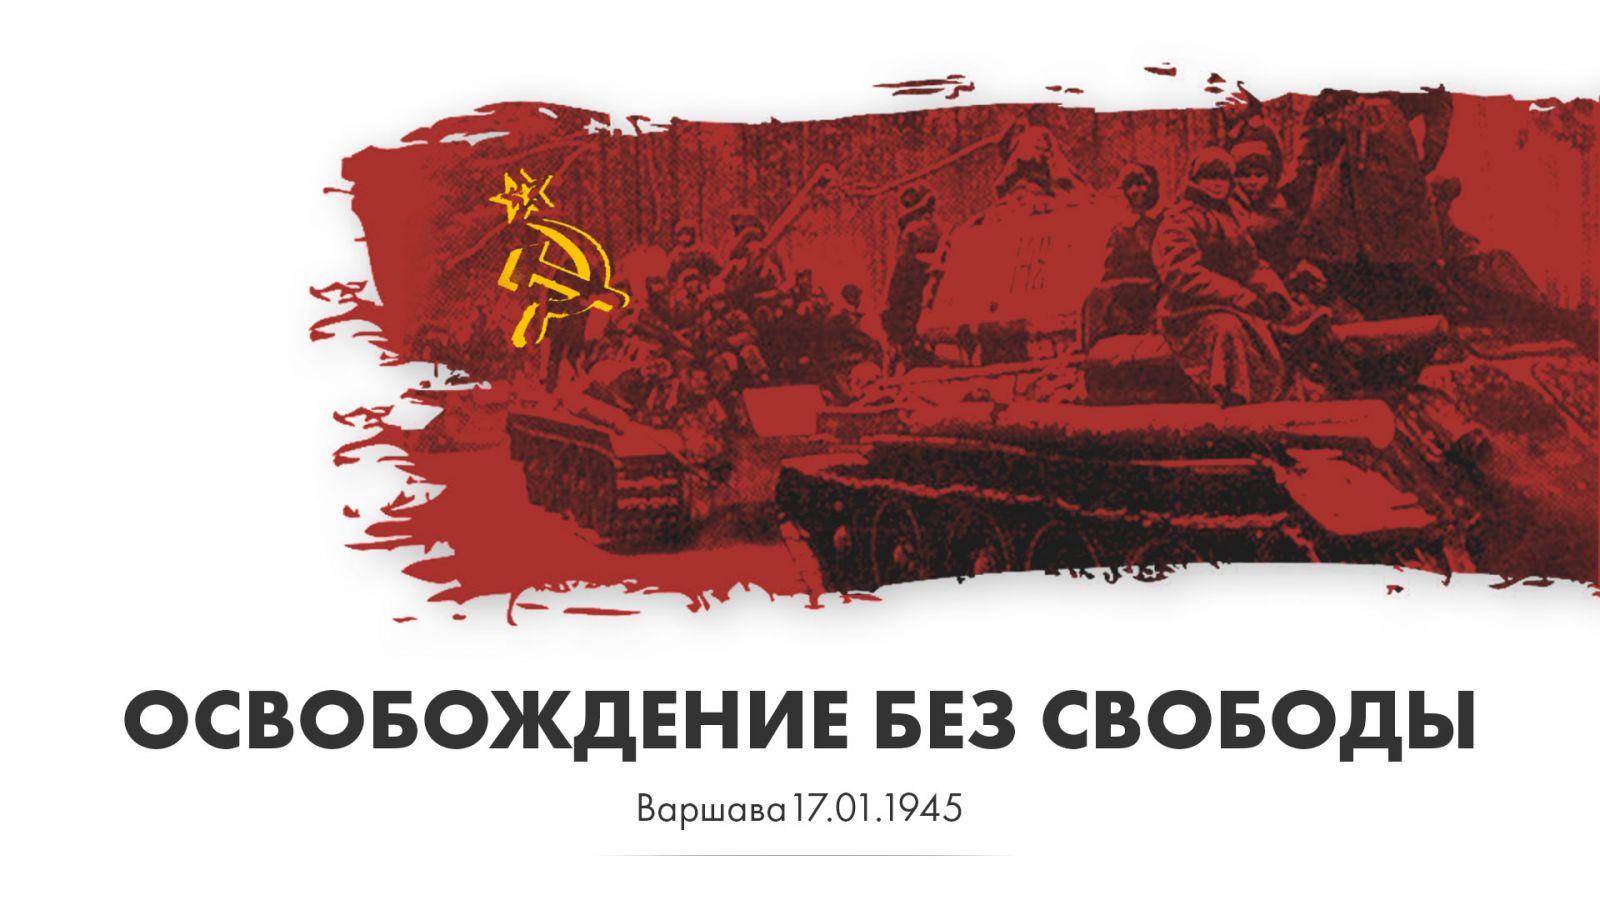 МИД РФ: Красная Армия в 1945 спасла жизни поляков. Свободу надо было отс...